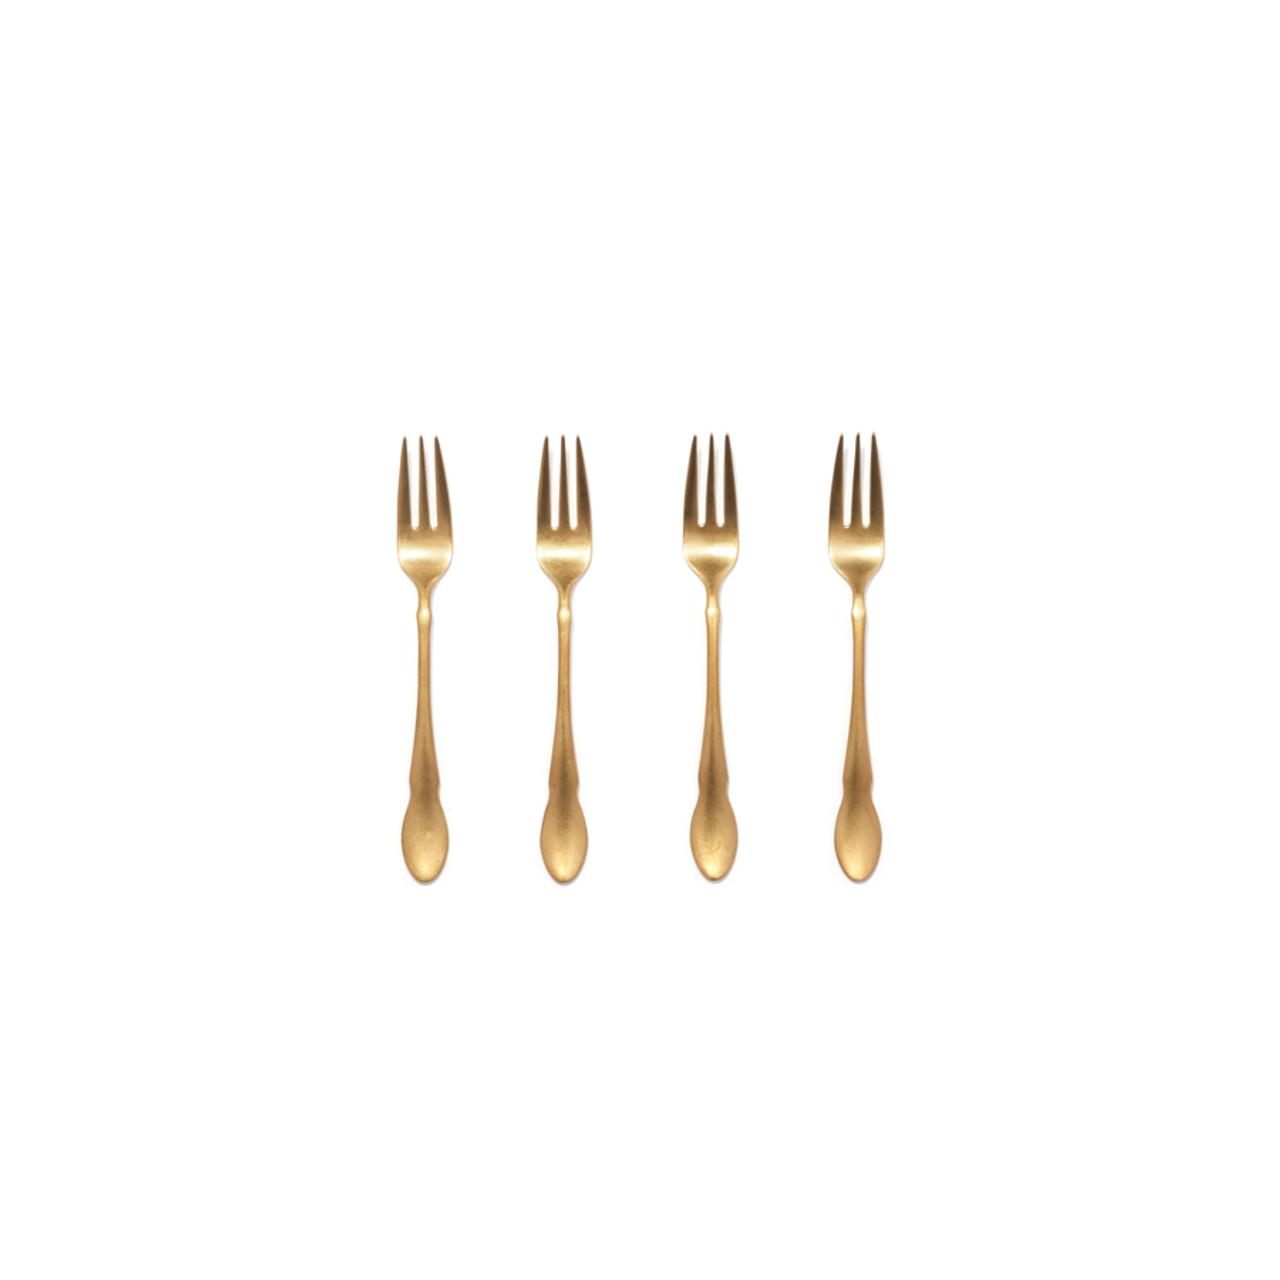 Birch - 4 piece cocktail fork set